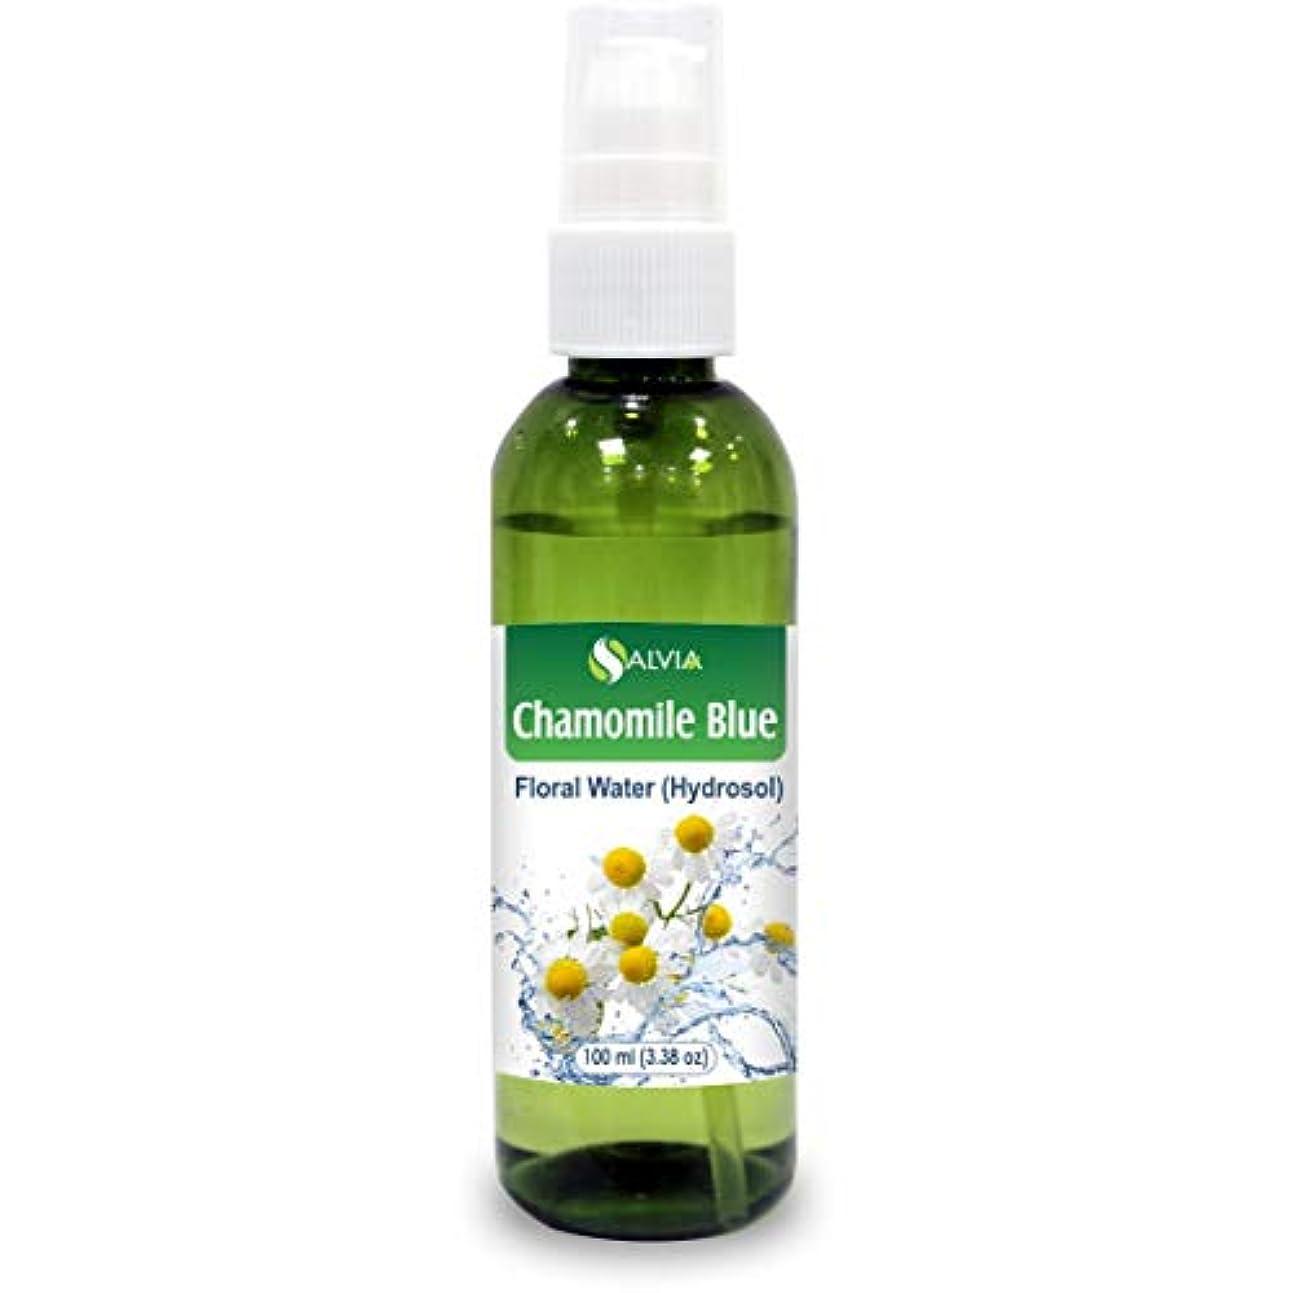 バラエティカテゴリーヘリコプターChamomile Oil, Blue Floral Water 100ml (Hydrosol) 100% Pure And Natural